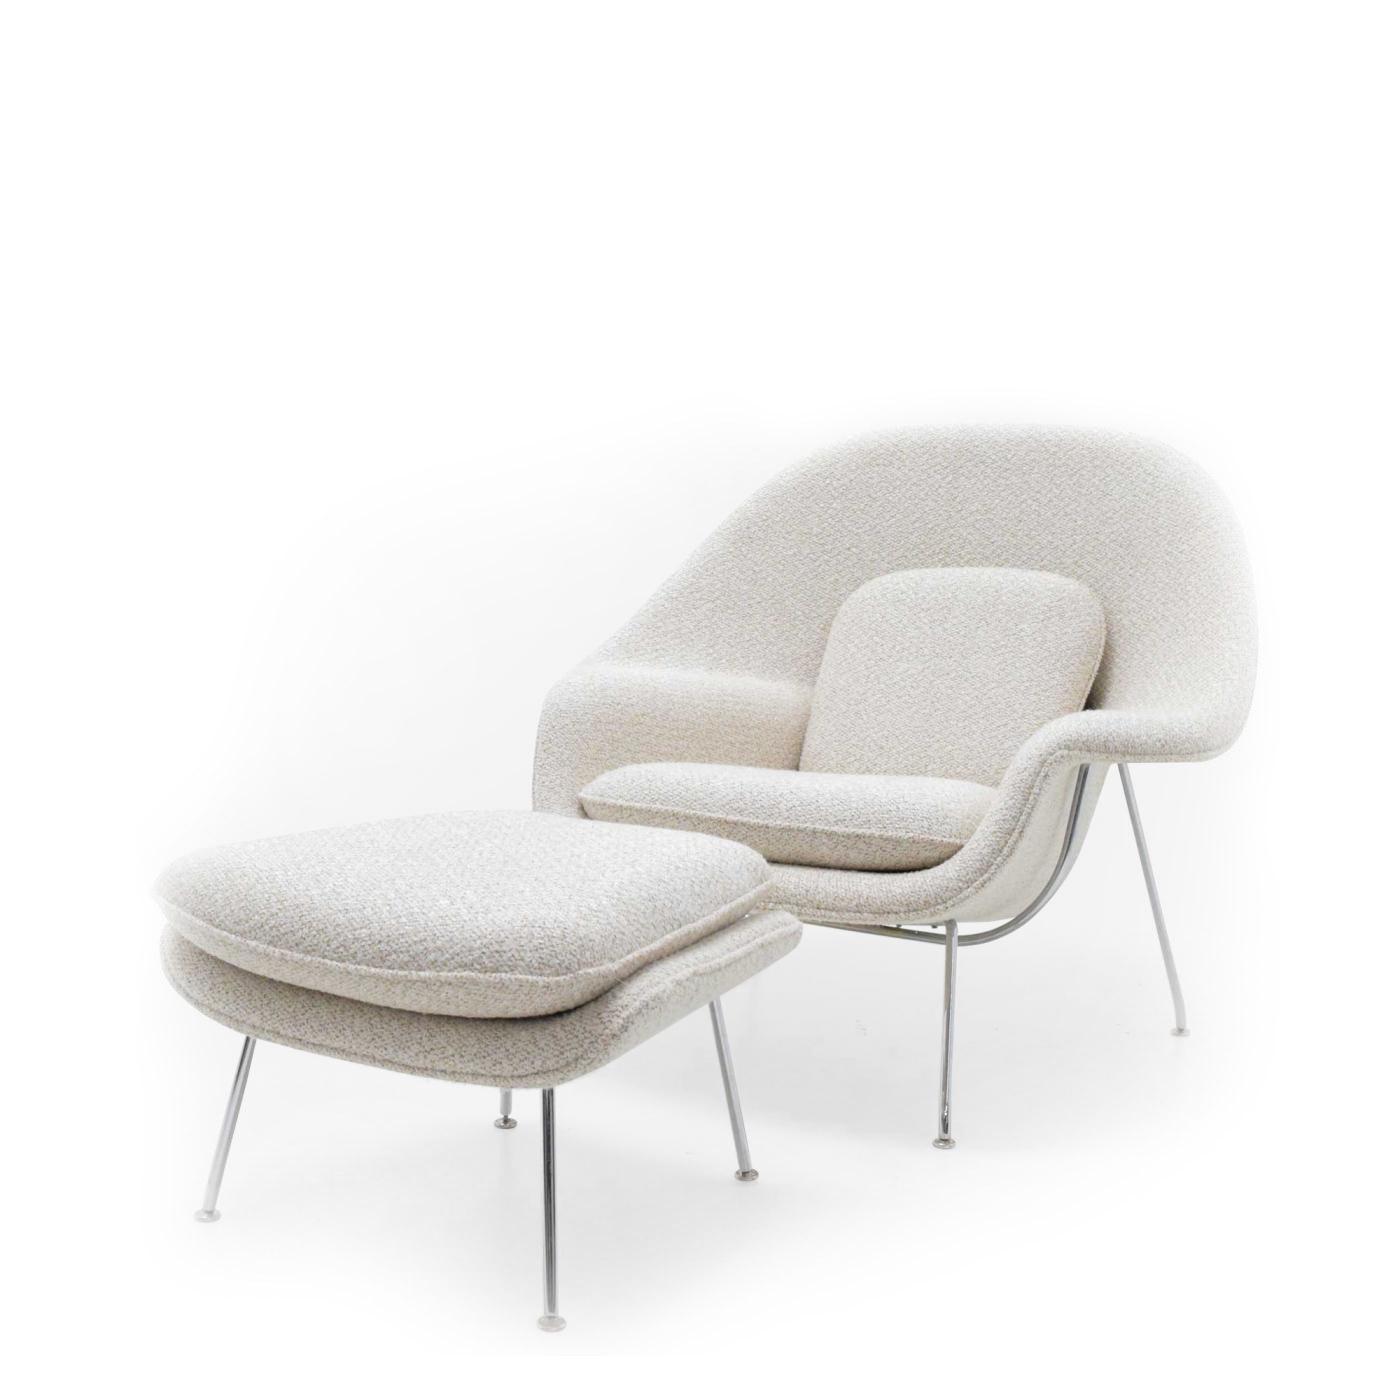 Silla poltrona Womb + Ottoman by Eero Saarinen